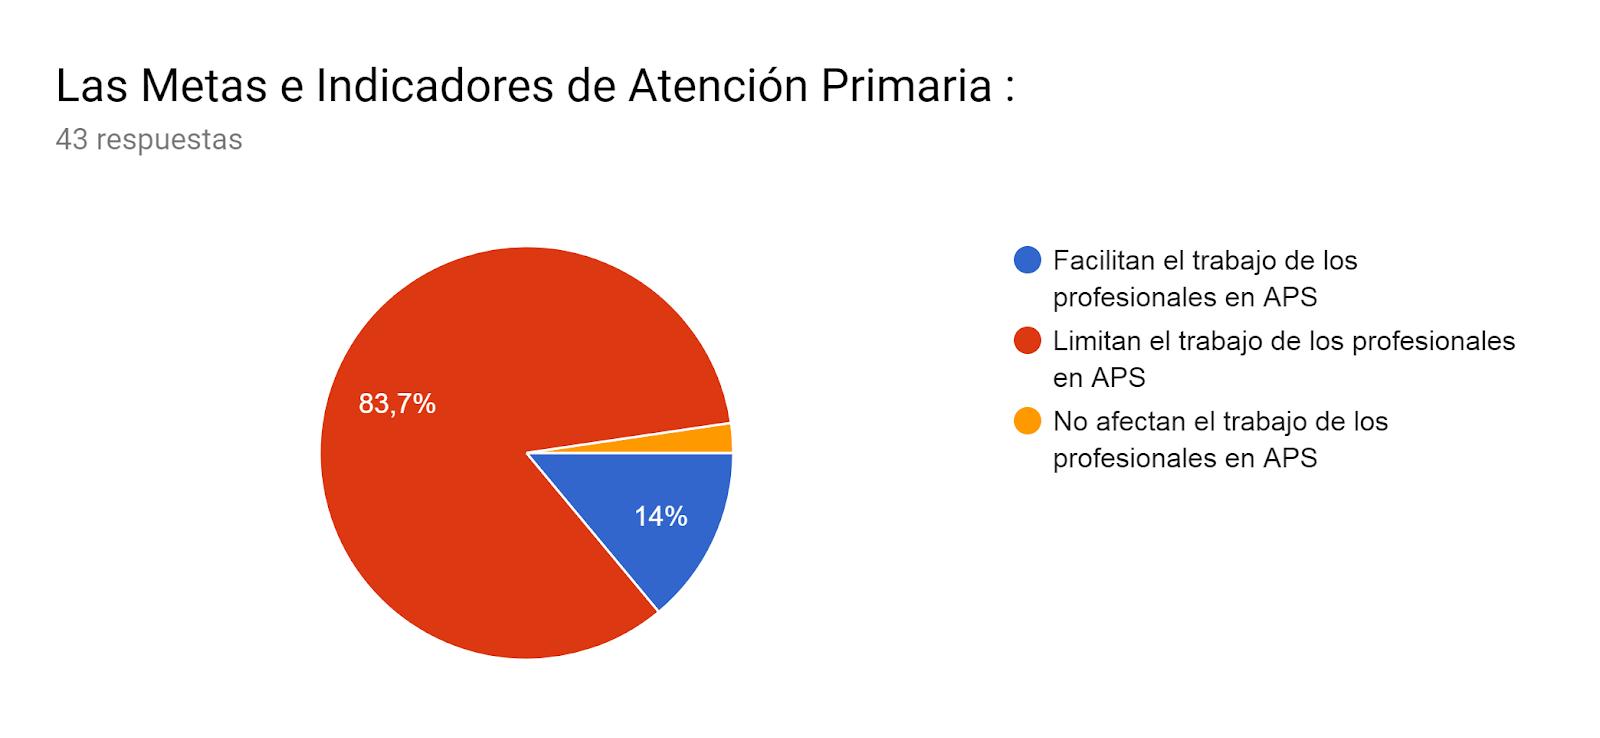 Gráfico de respuestas de formularios. Título de la pregunta:Las Metas e Indicadores de Atención Primaria : . Número de respuestas:43 respuestas.